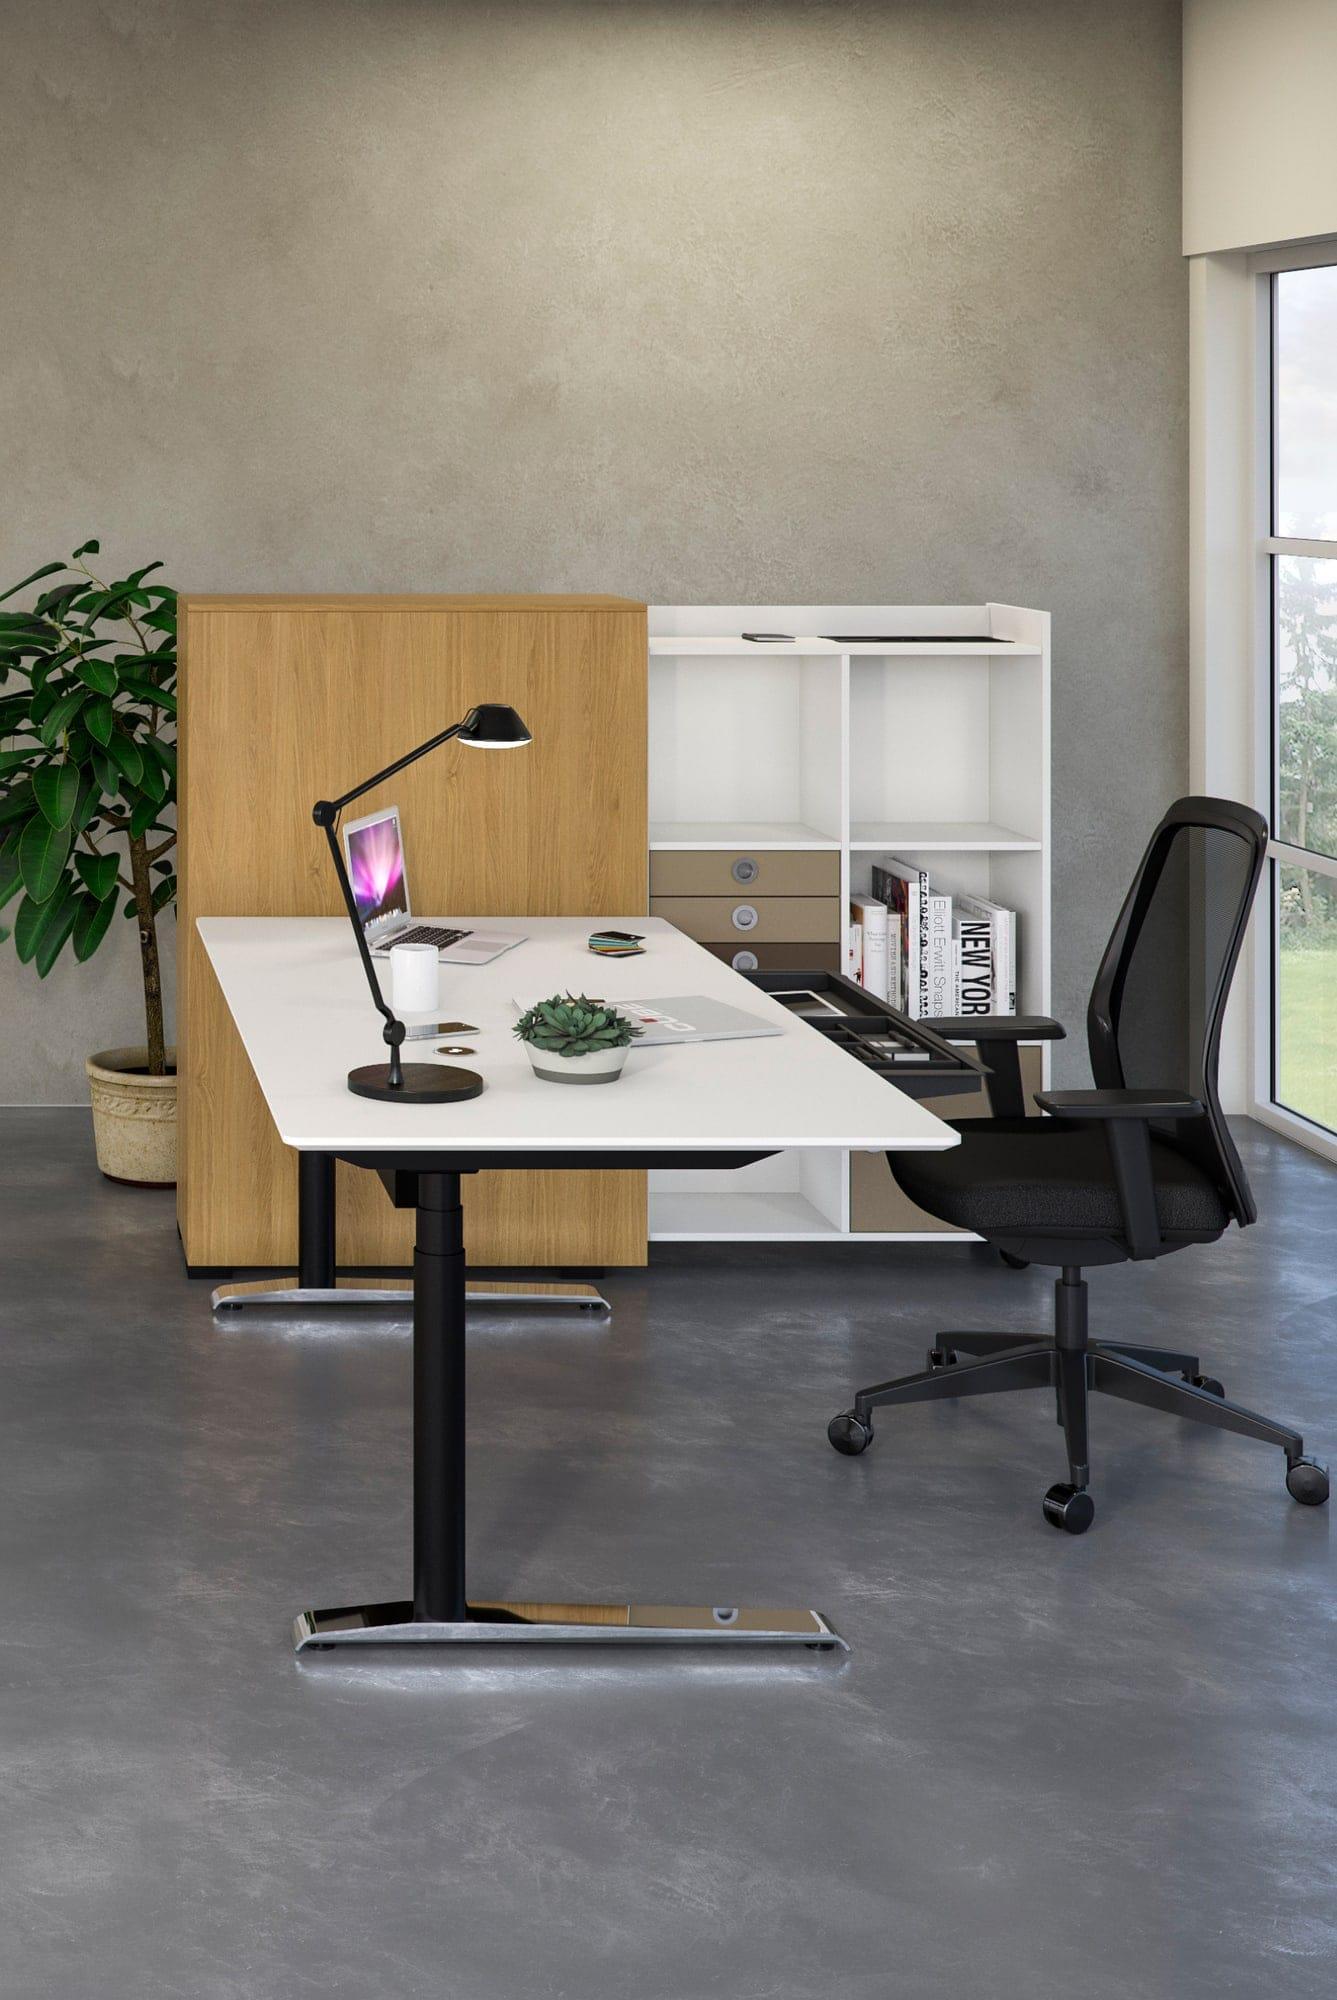 Cube Design | kontormøbler | Quadro skrivebord | Udtræksskab